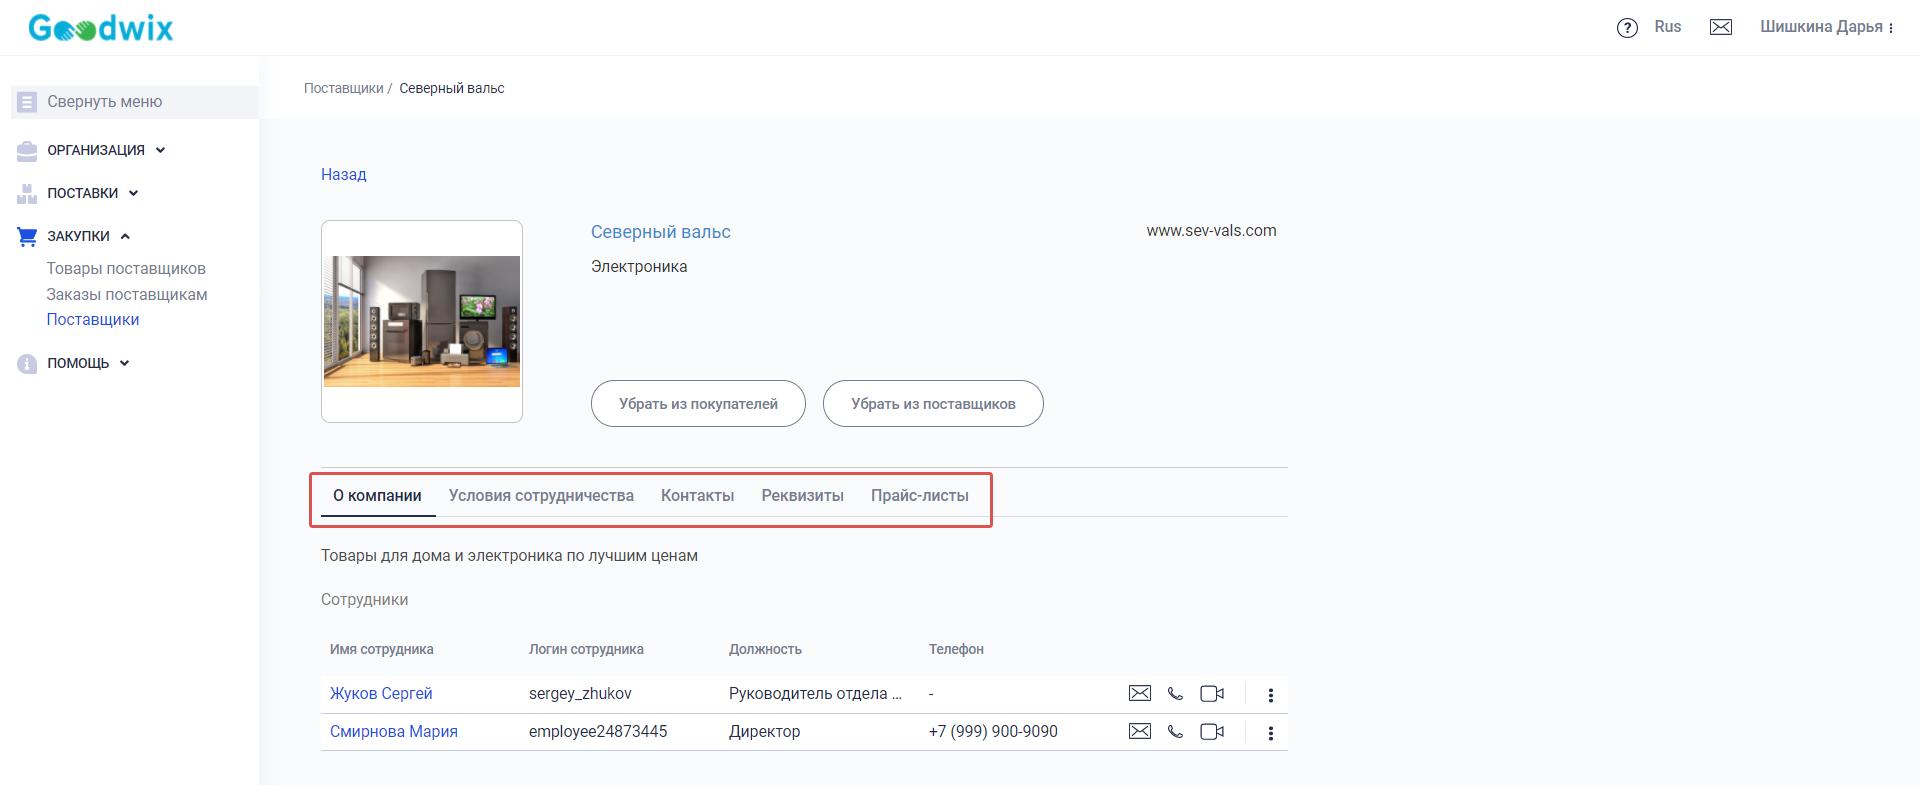 Просмотр профиля компании контрагентами_Руководство по работе с профилем